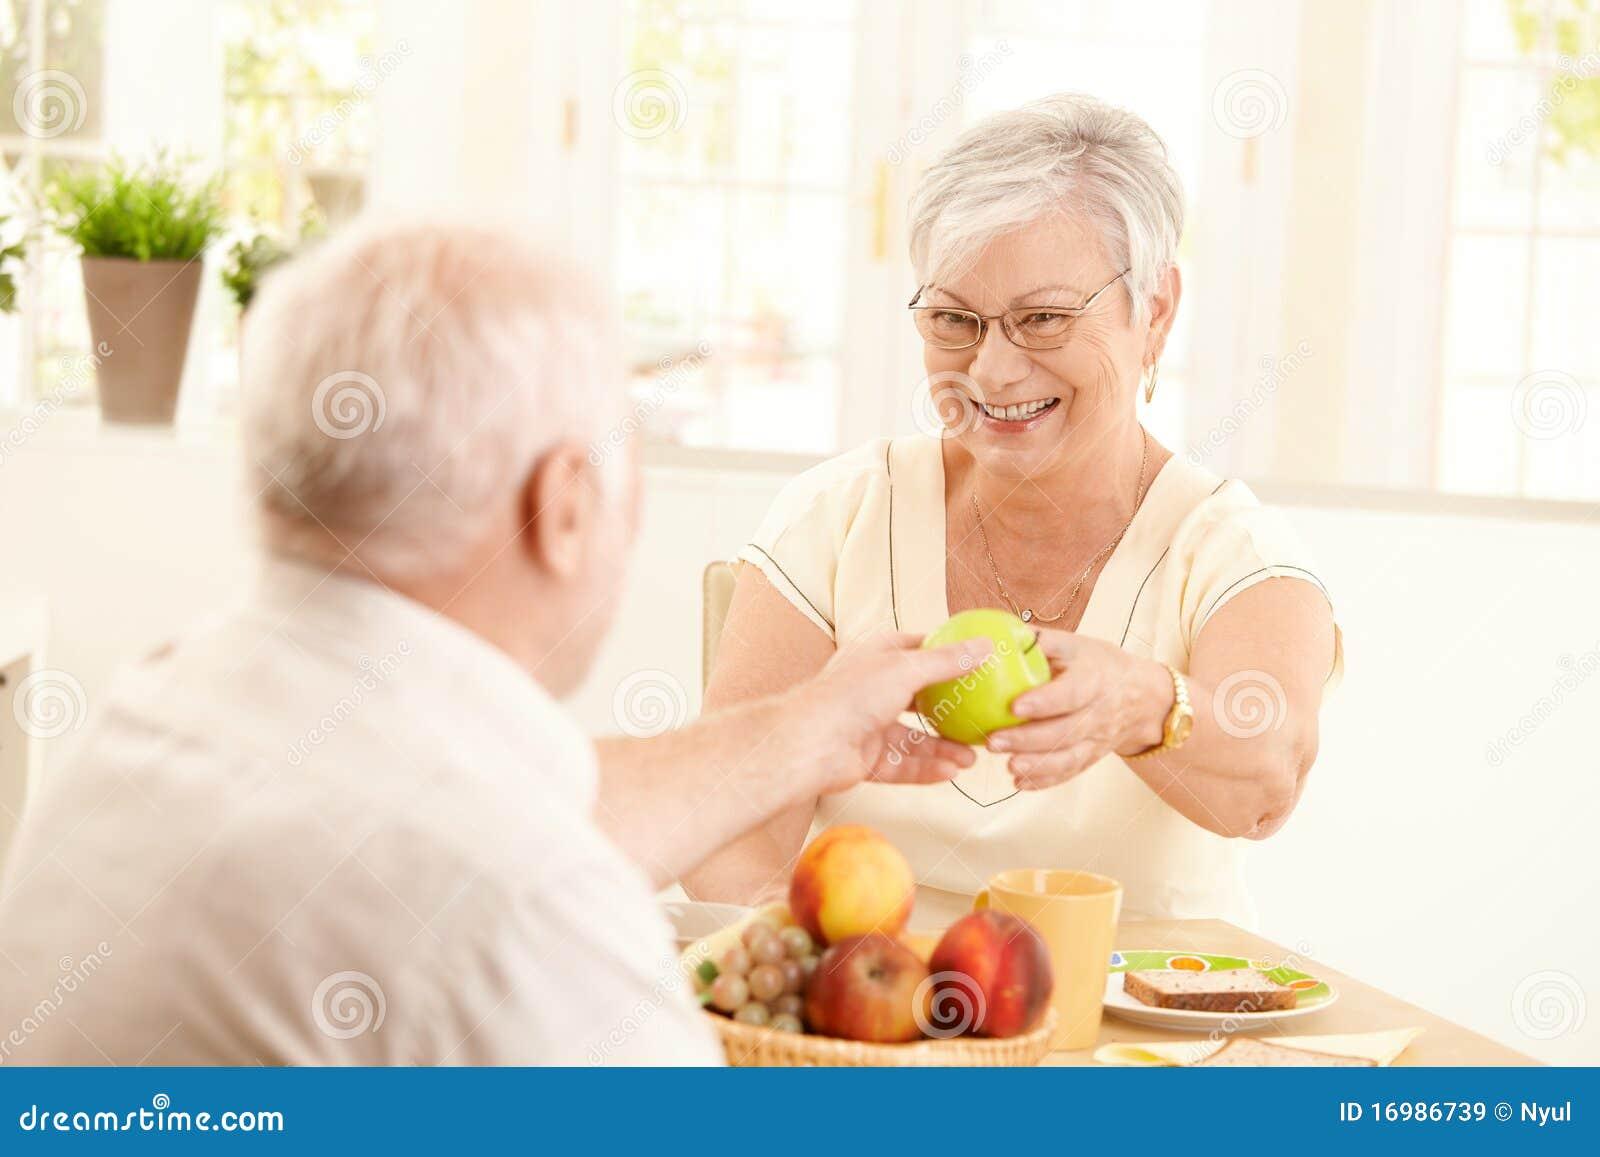 Γελώντας ανώτερη σύζυγος που παίρνει το μήλο από το σύζυγο